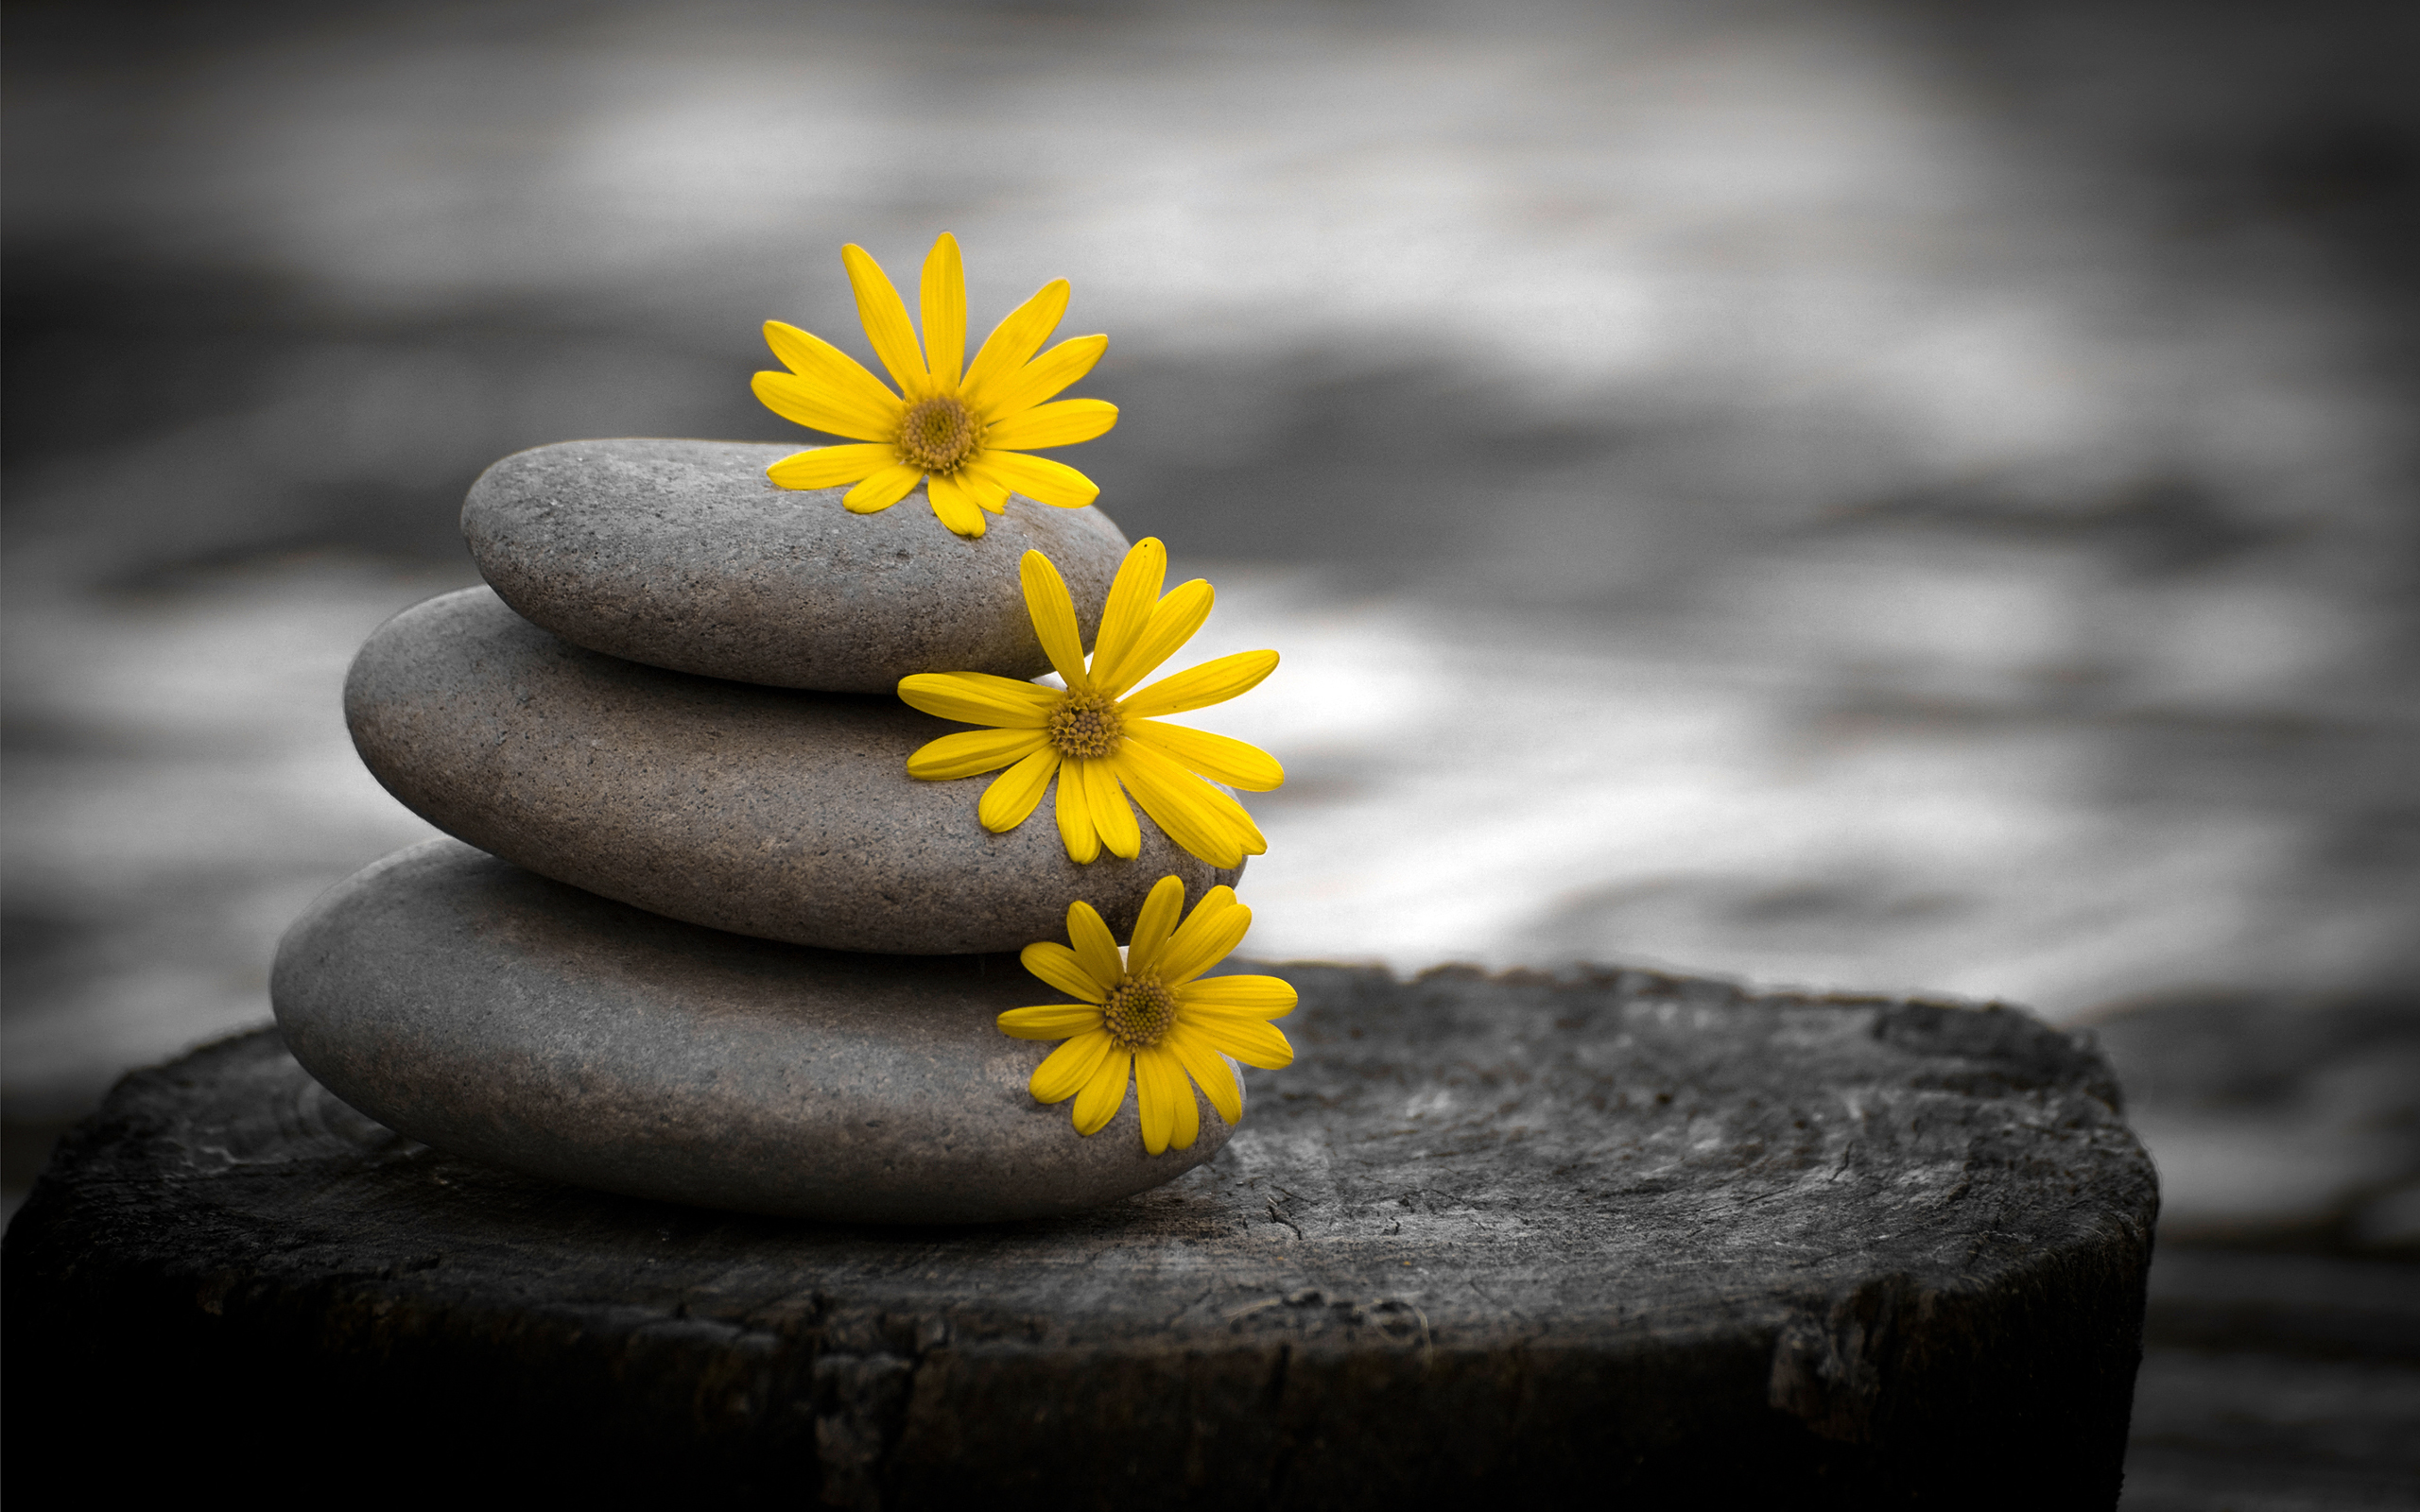 Piedras y flores amarillas - 2560x1600